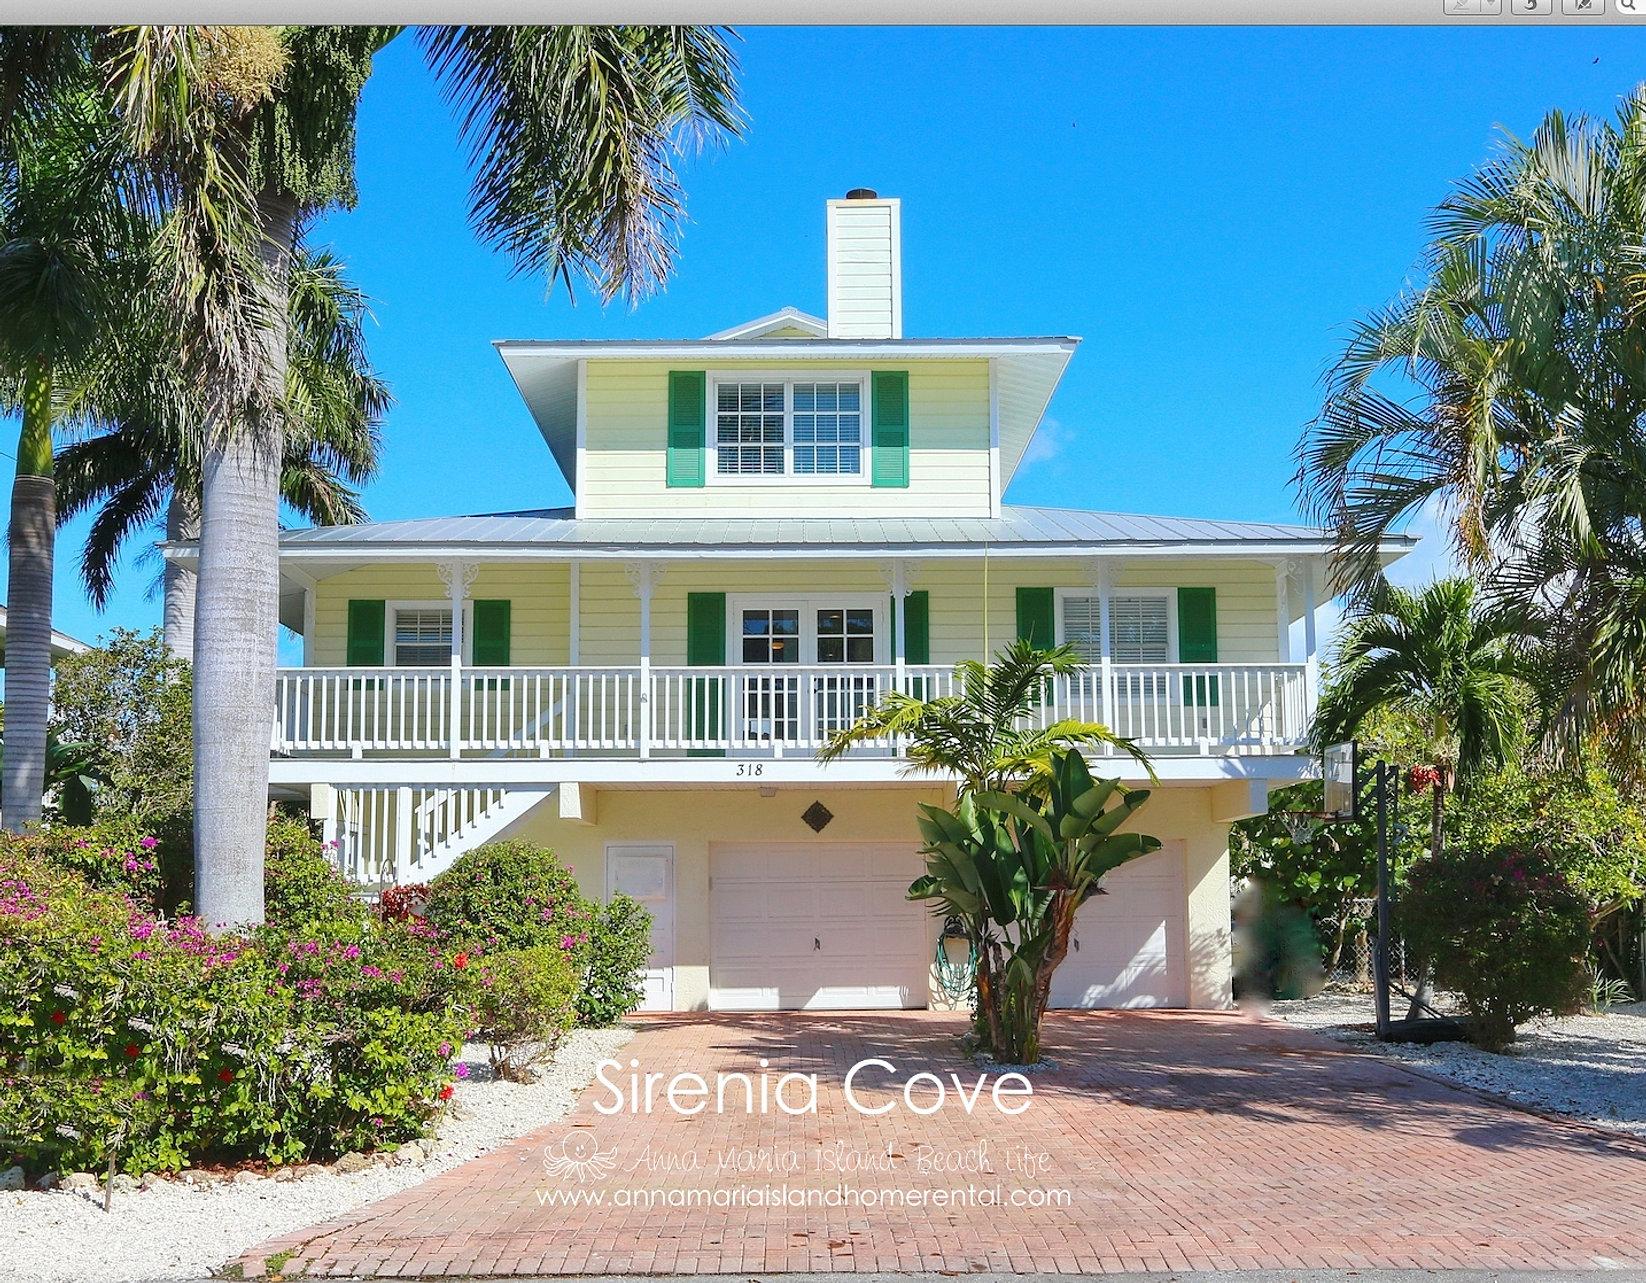 Anna Maria Alquiler - Alquiler de pisos en alquiler, viviendas en Anna Maria Island Florida